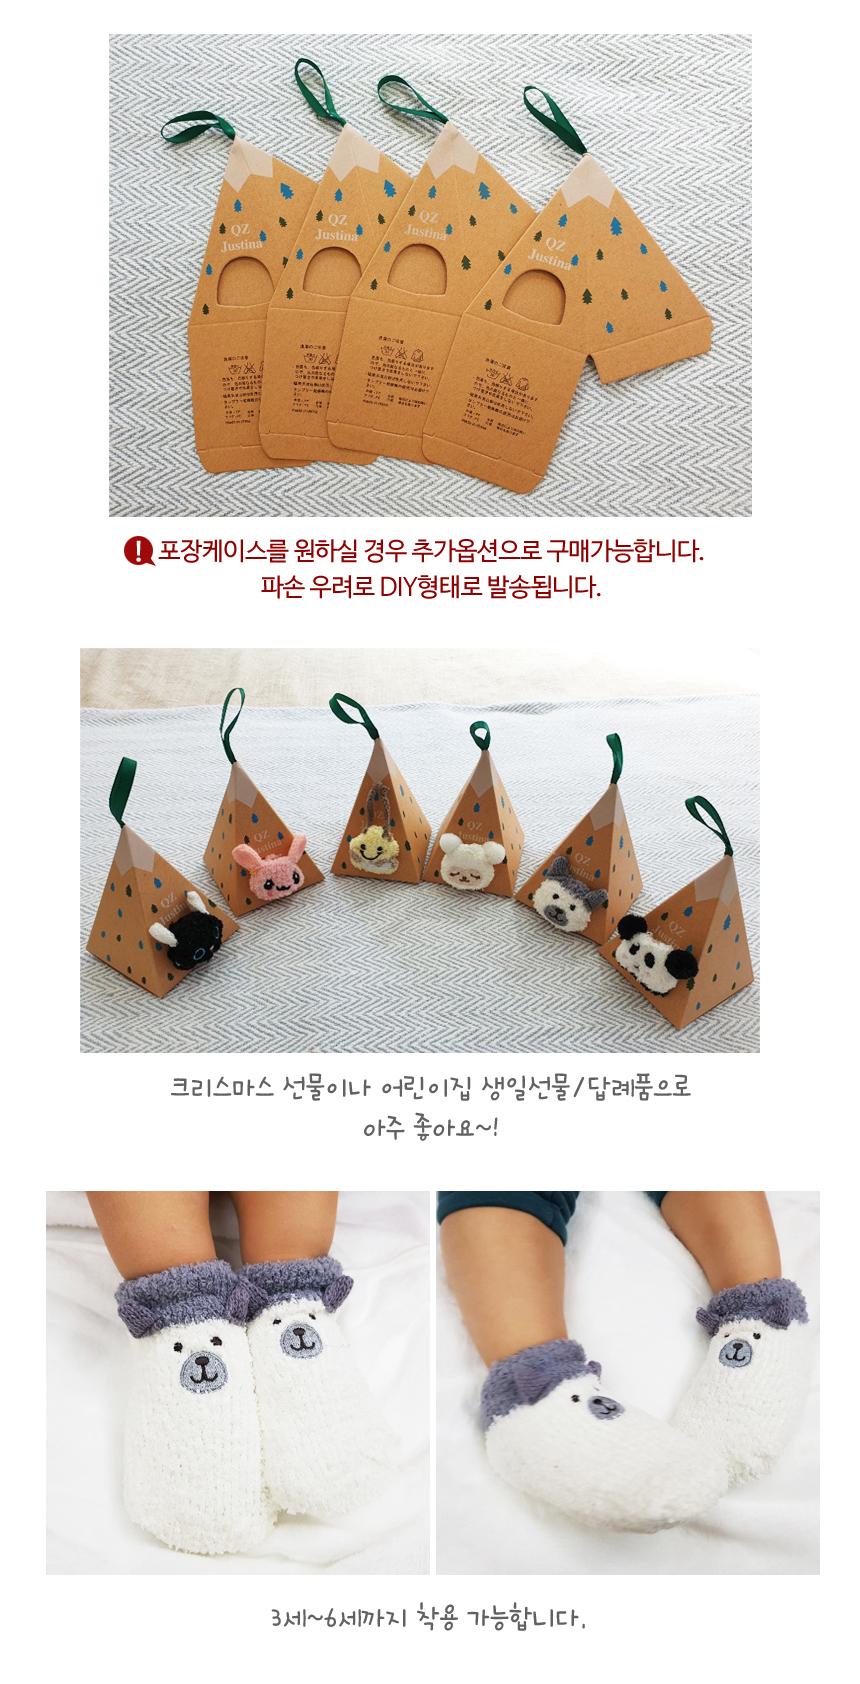 zoo_socks_03.jpg